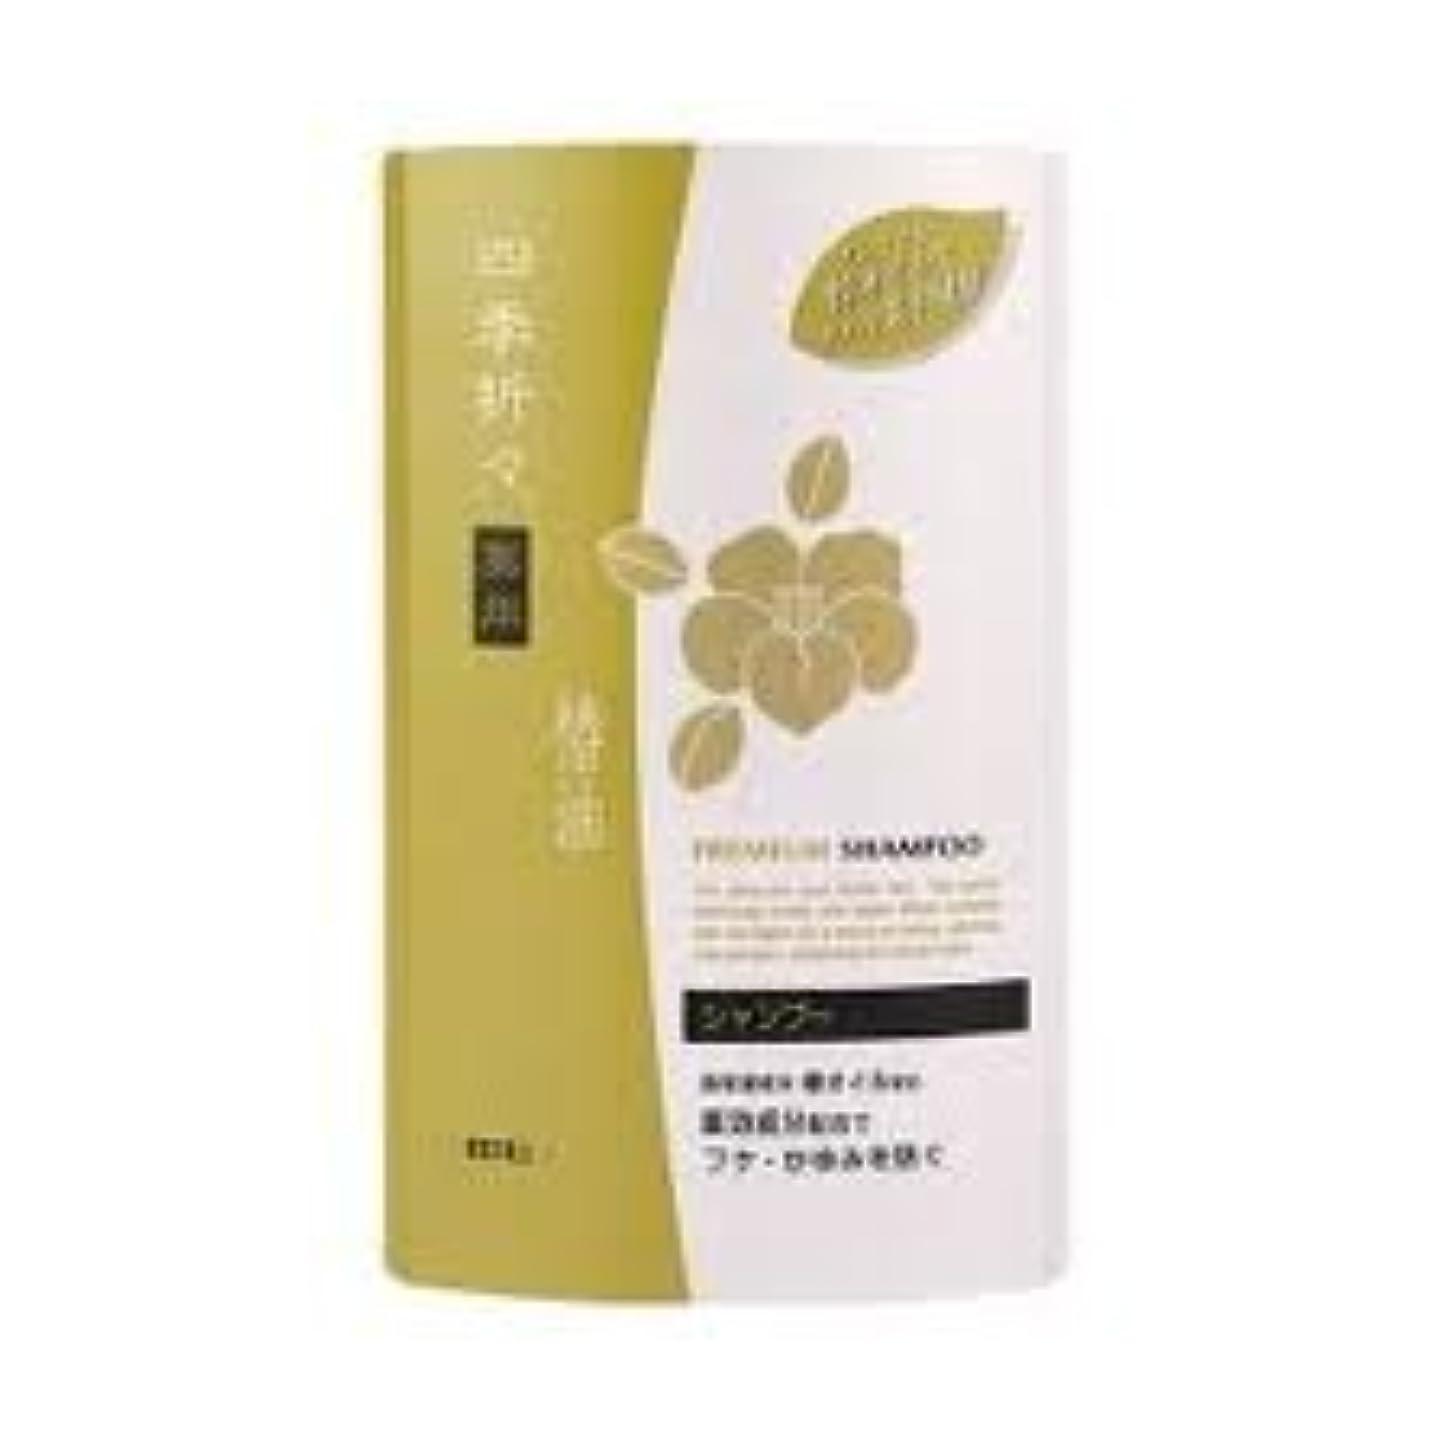 あいにく賠償悪意のある熊野油脂 四季折々 薬用椿油シャンプー つめかえ用 400ml×24点セット (4513574011823)